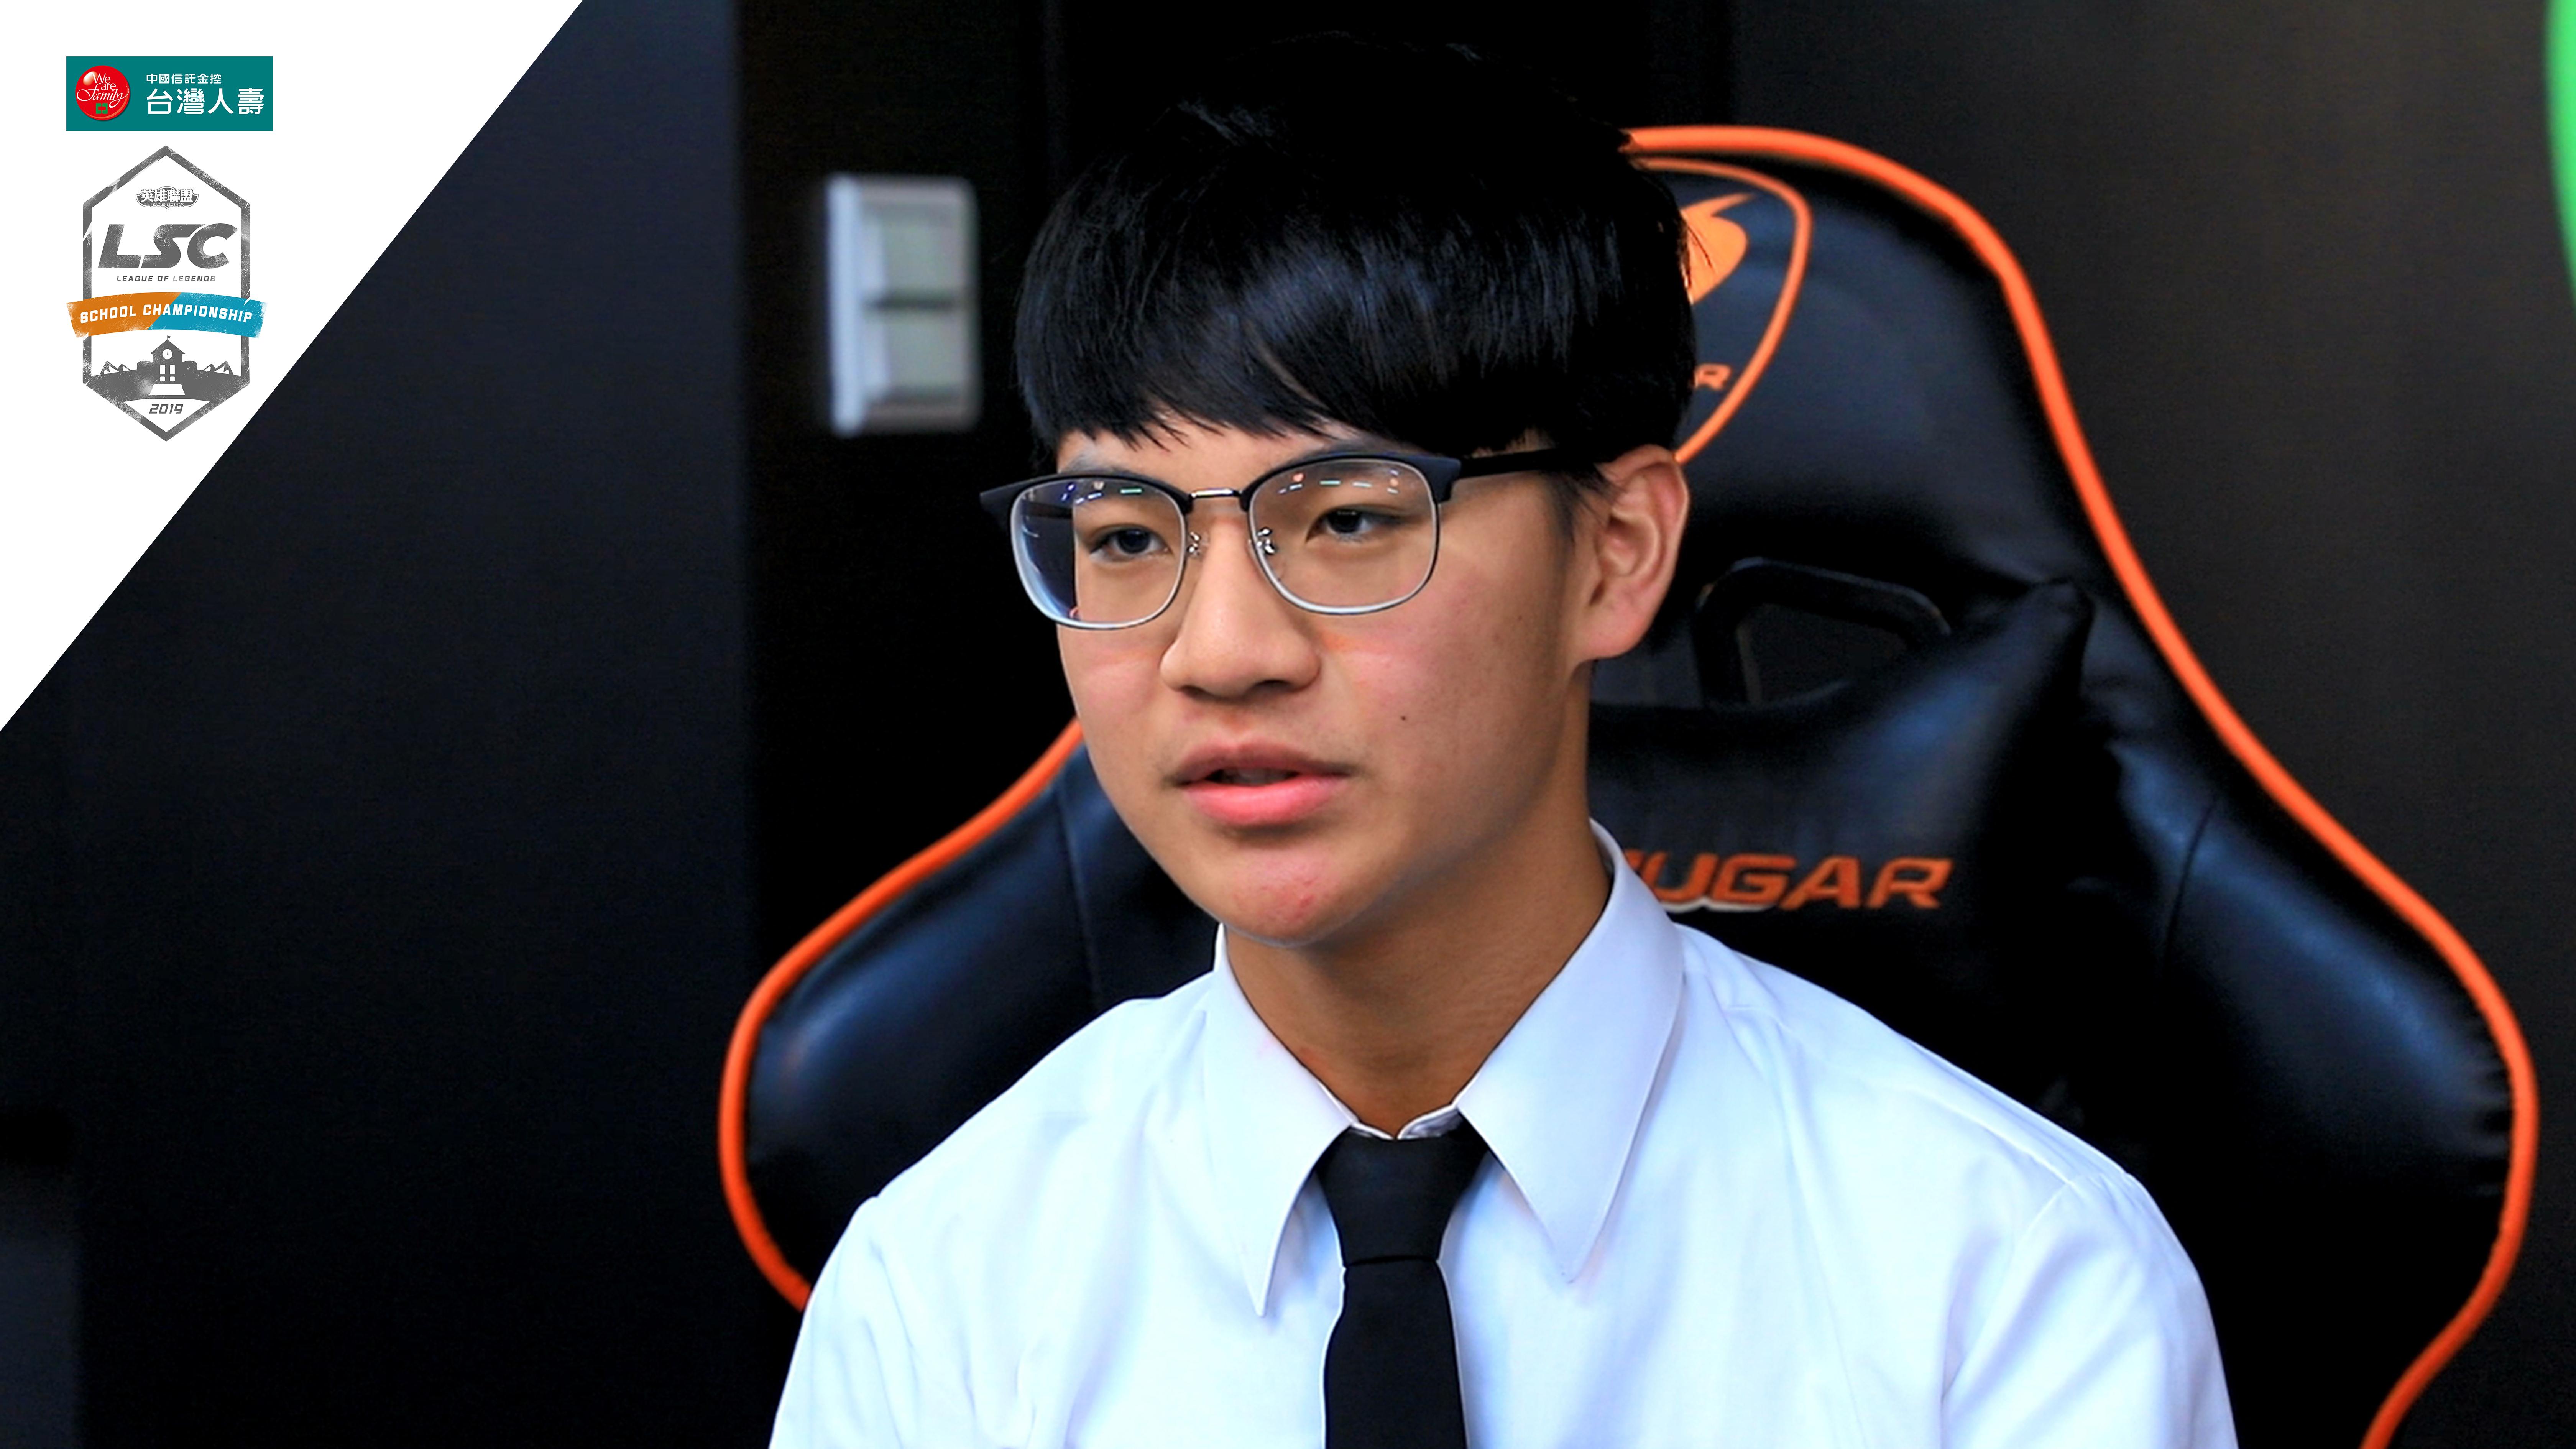 ▲擔任隊長的ADC選手林承威(ID:CISHrw)目前高三。